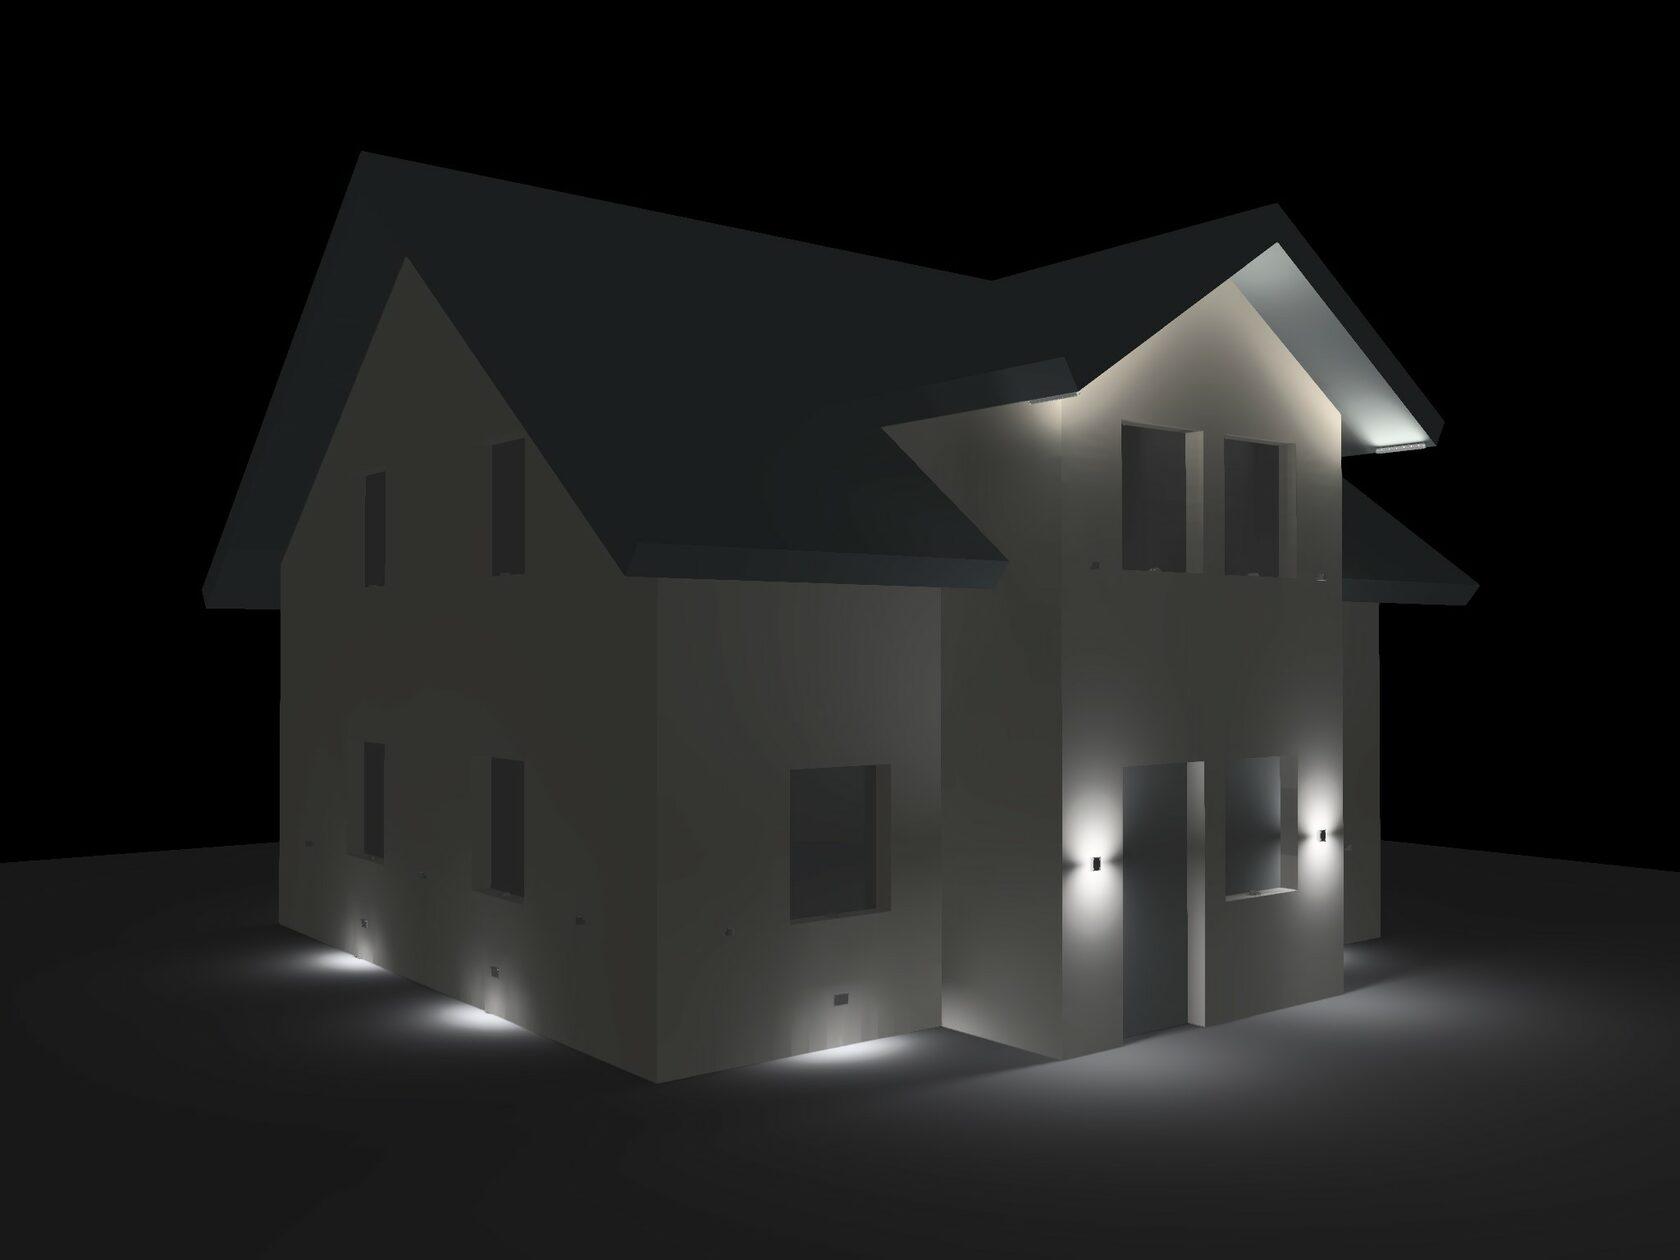 Сцена 2. Все светильники включеныВходная зона, навигационное освещение, карниз